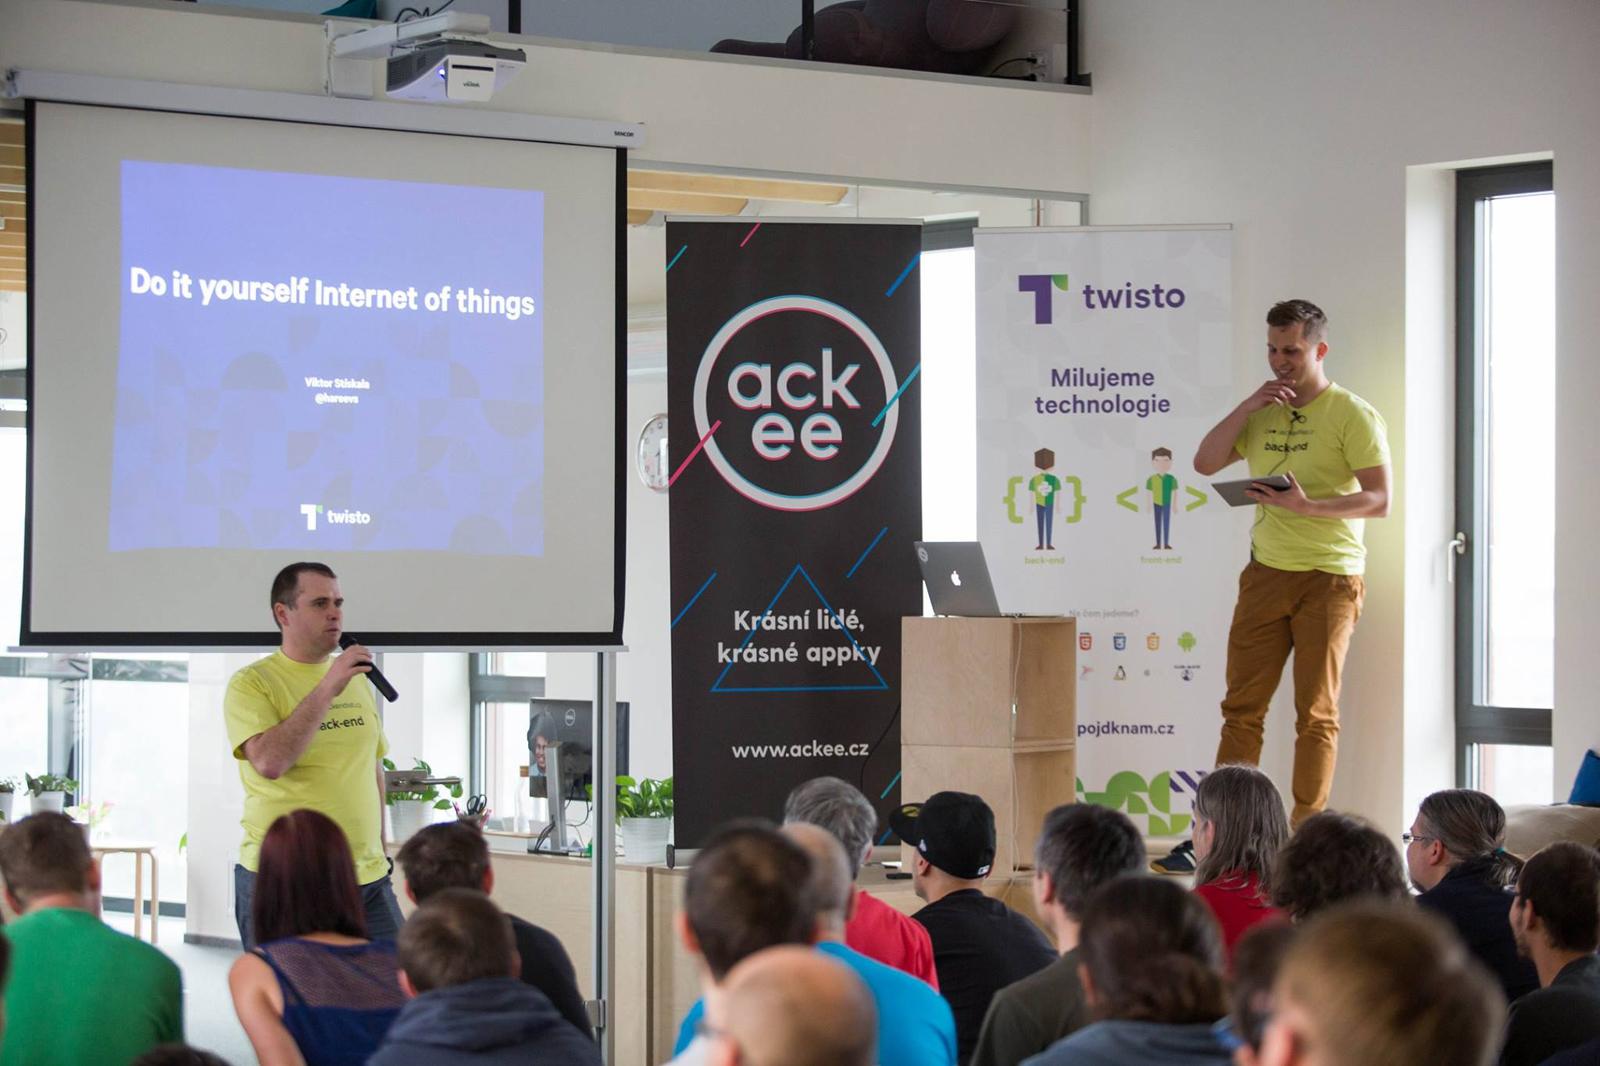 Backendisti #5 v kancelářích startupu Ackee